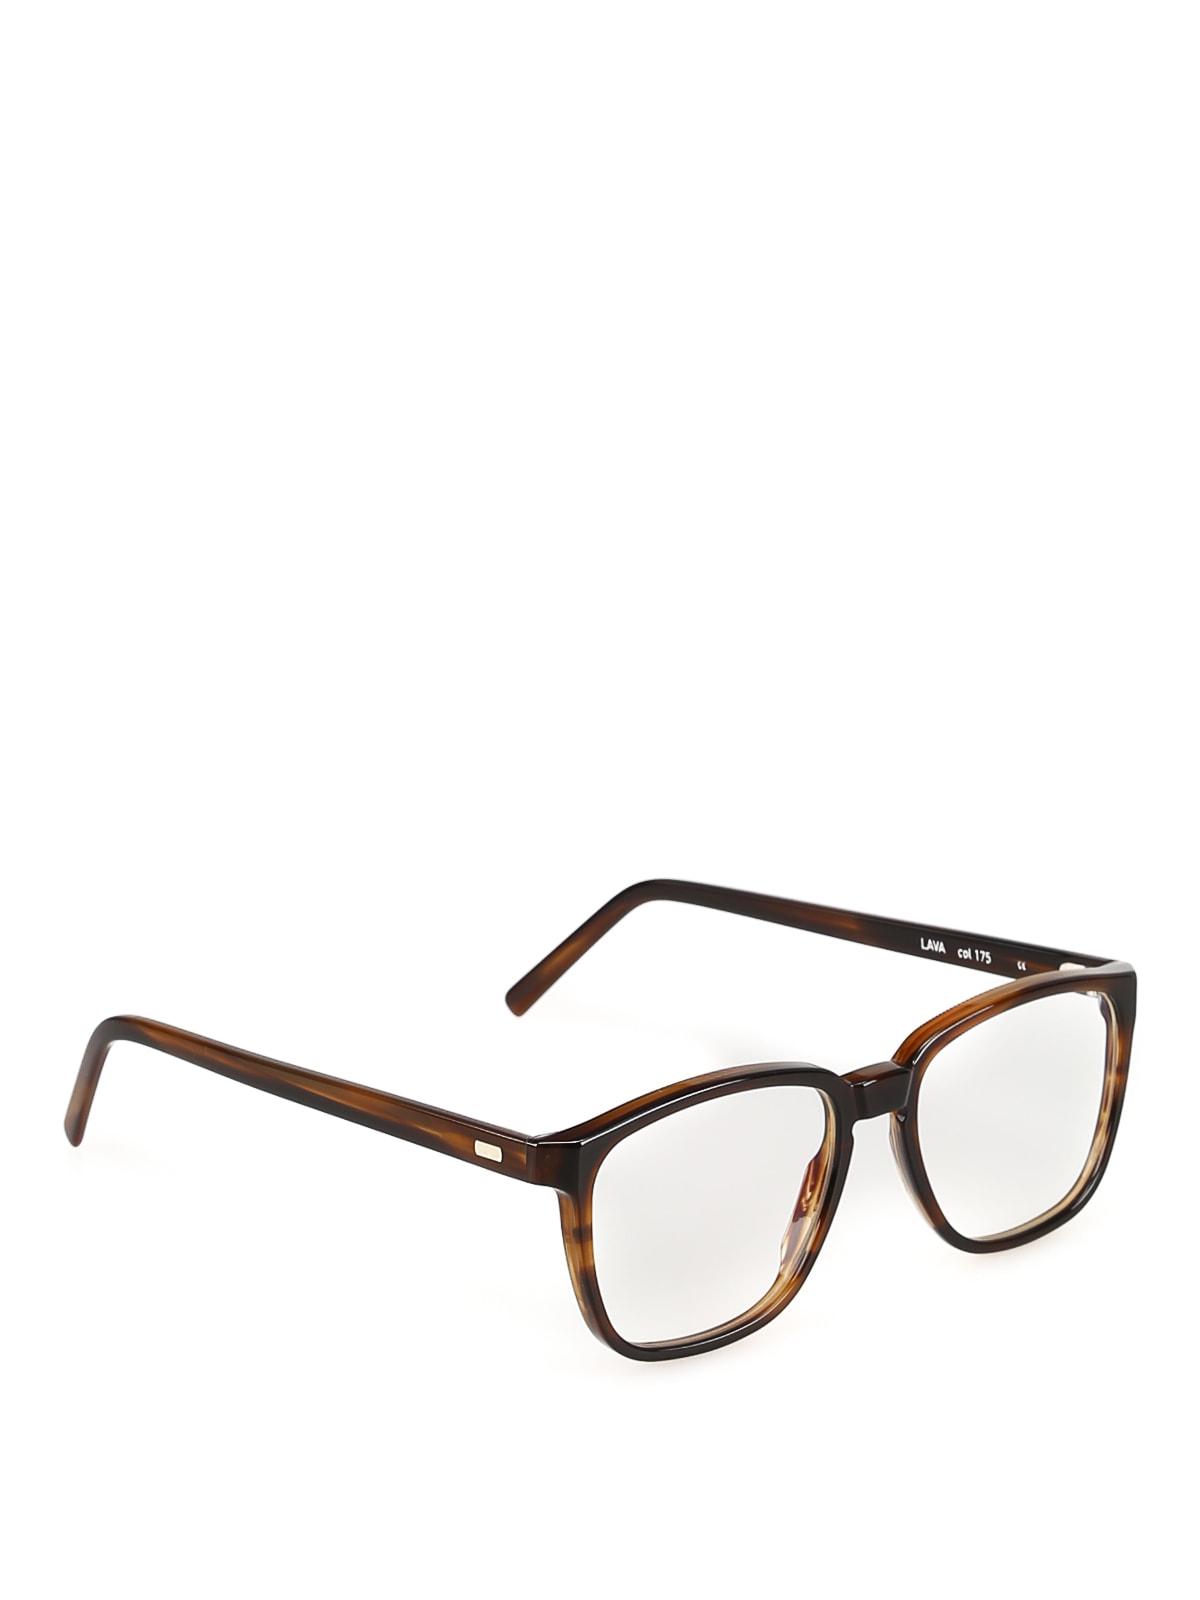 REIZ LAVA Eyewear